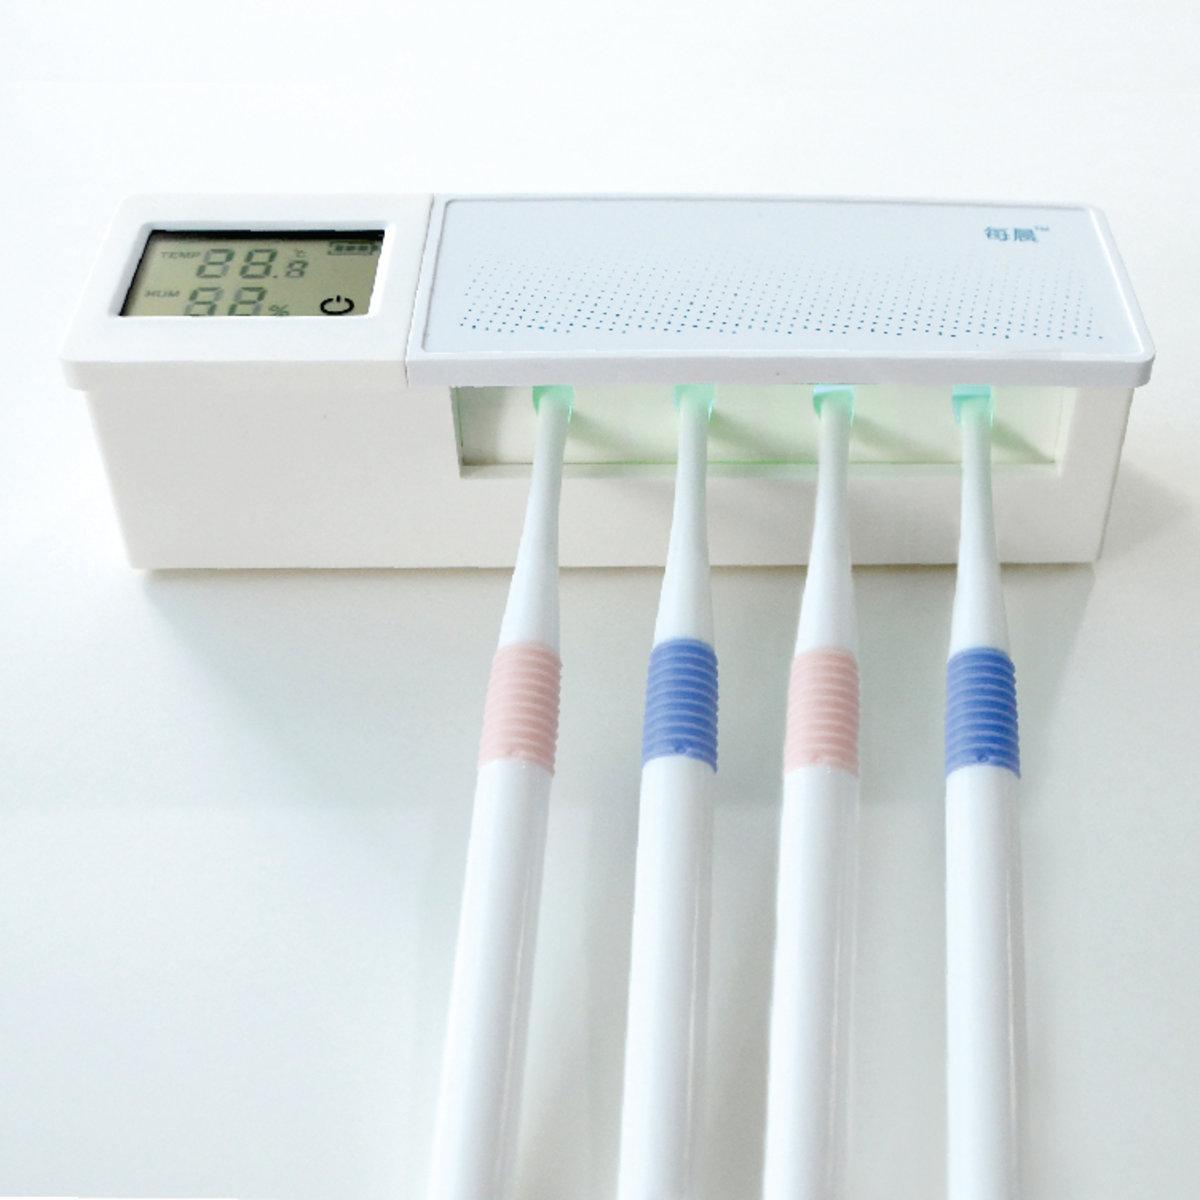 Electric toothbrush / manual toothbrush / UV sterilizer toothbrush sterilizer / toothbrush holder